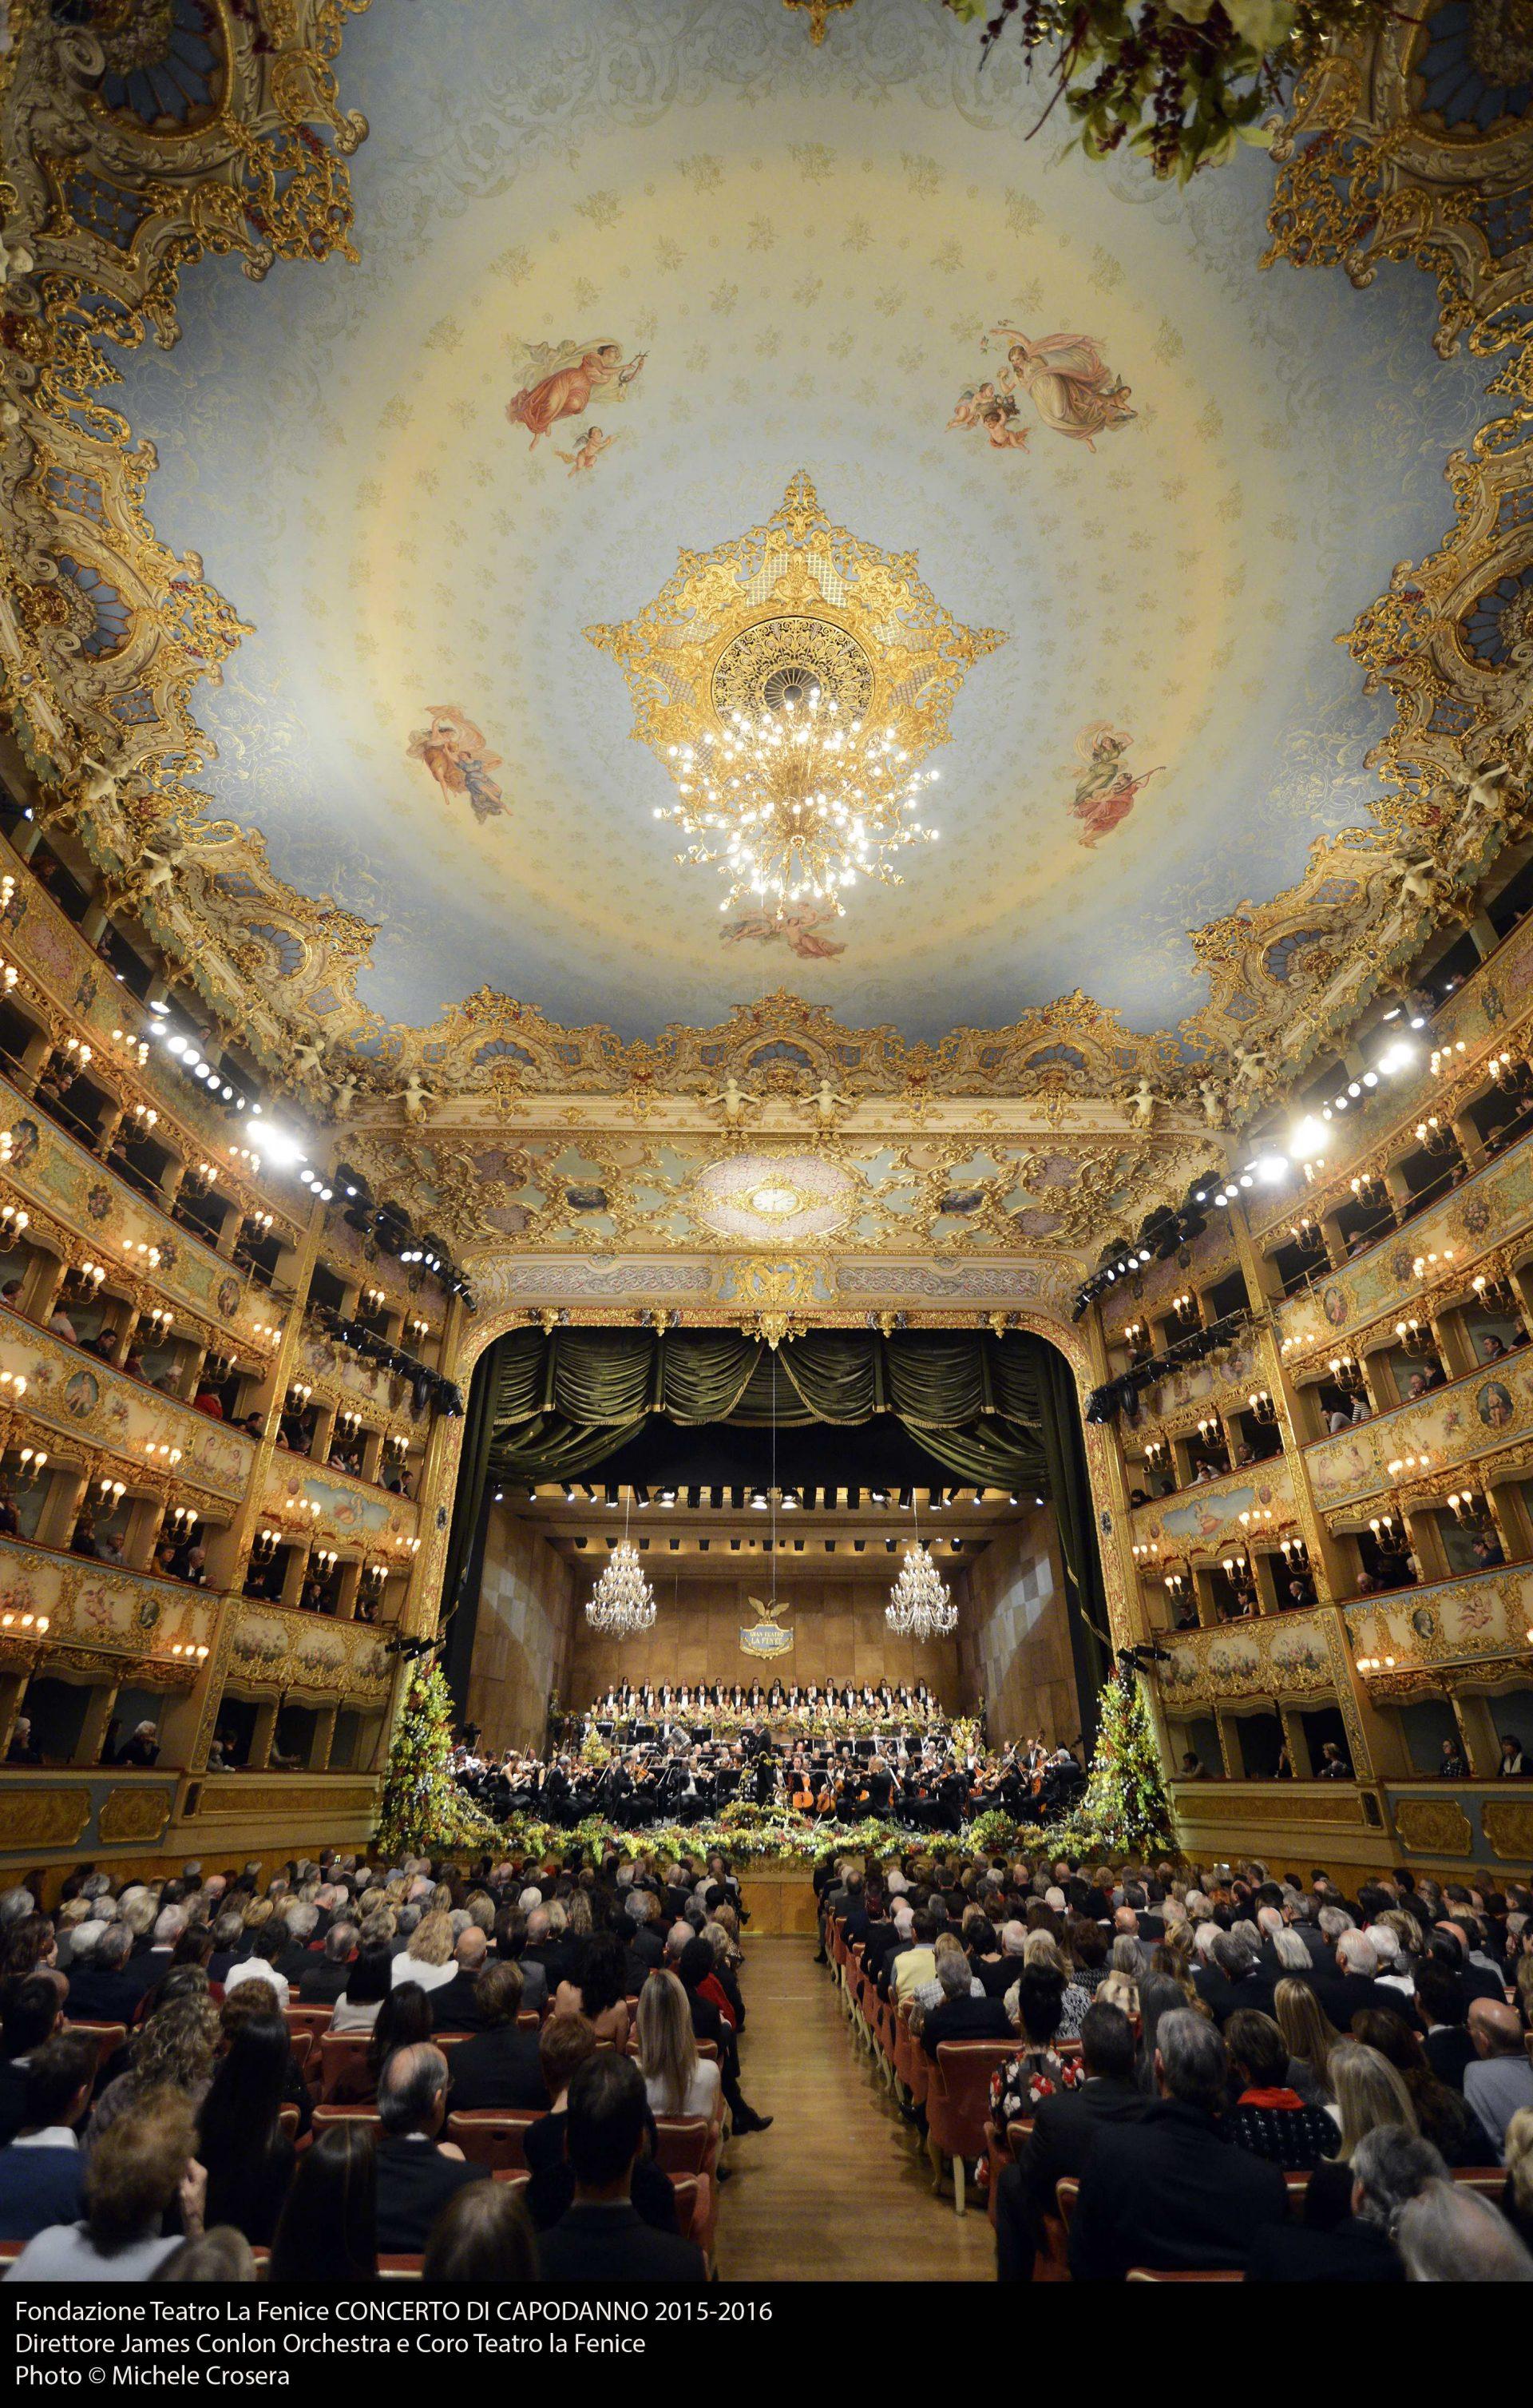 Fondazione Teatro La Fenice CONCERTO DI CAPODANNO 2015-2016 Direttore James Conlon Orchestra e Coro Teatro la Fenice Photo © Michele Crosera